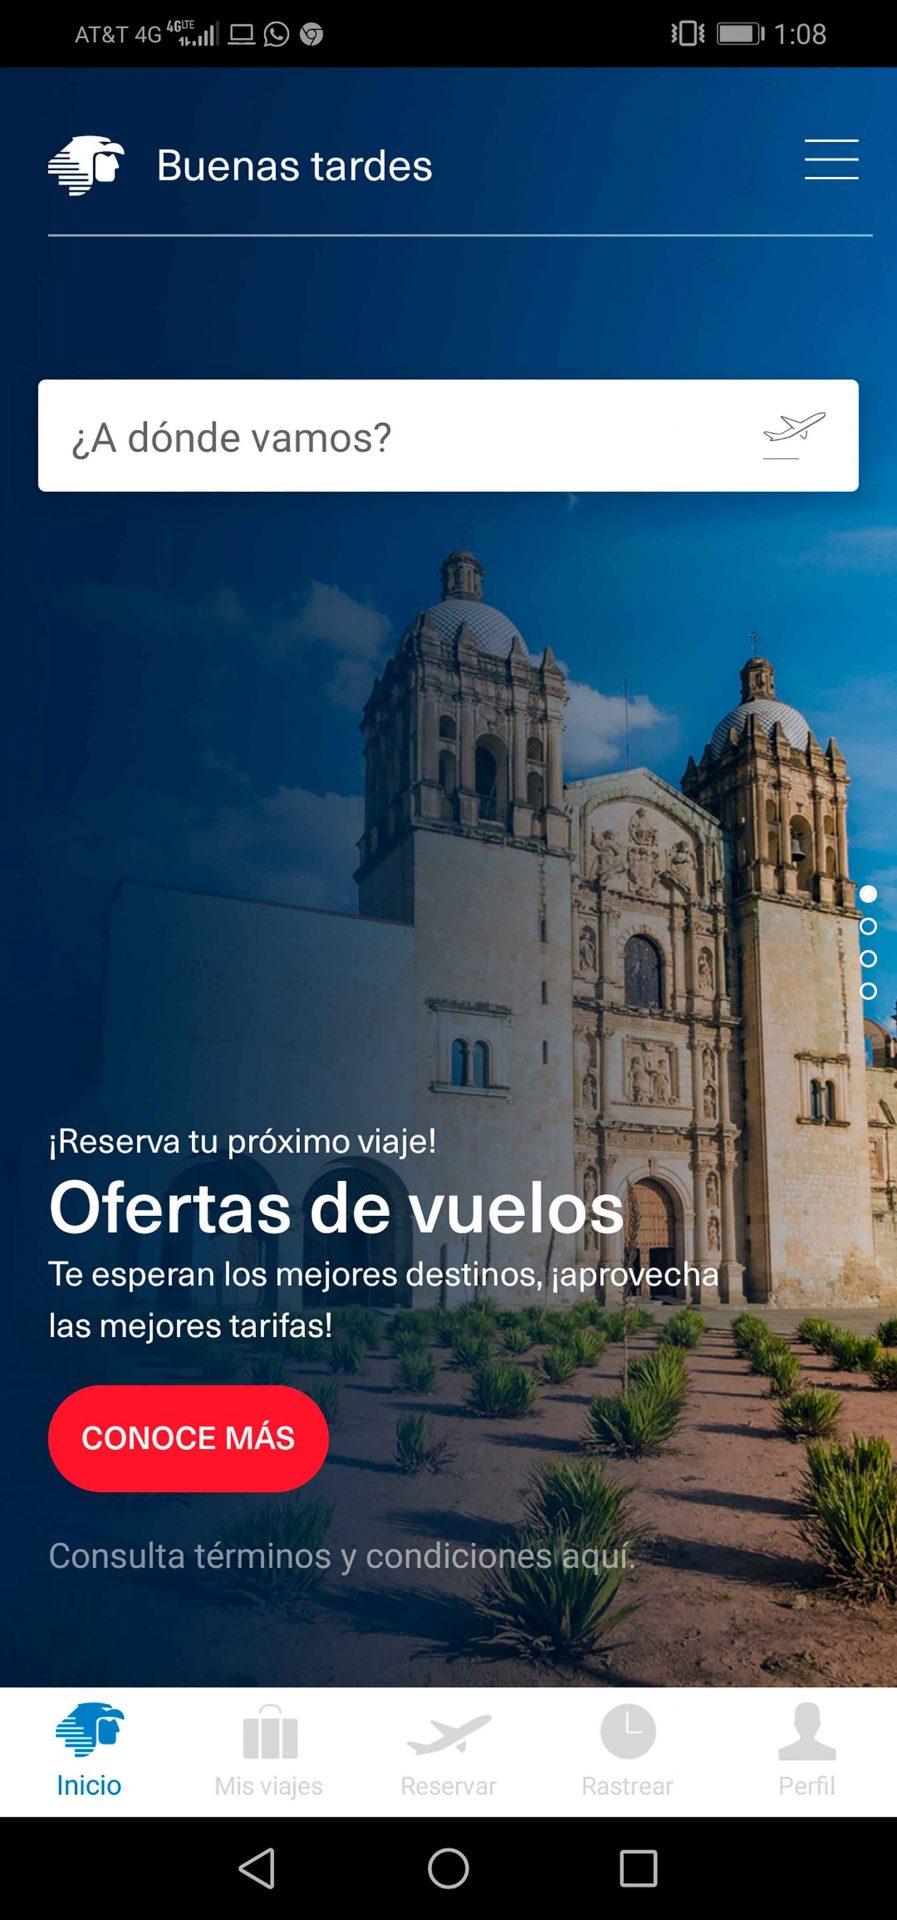 App móvil Aeroméxico